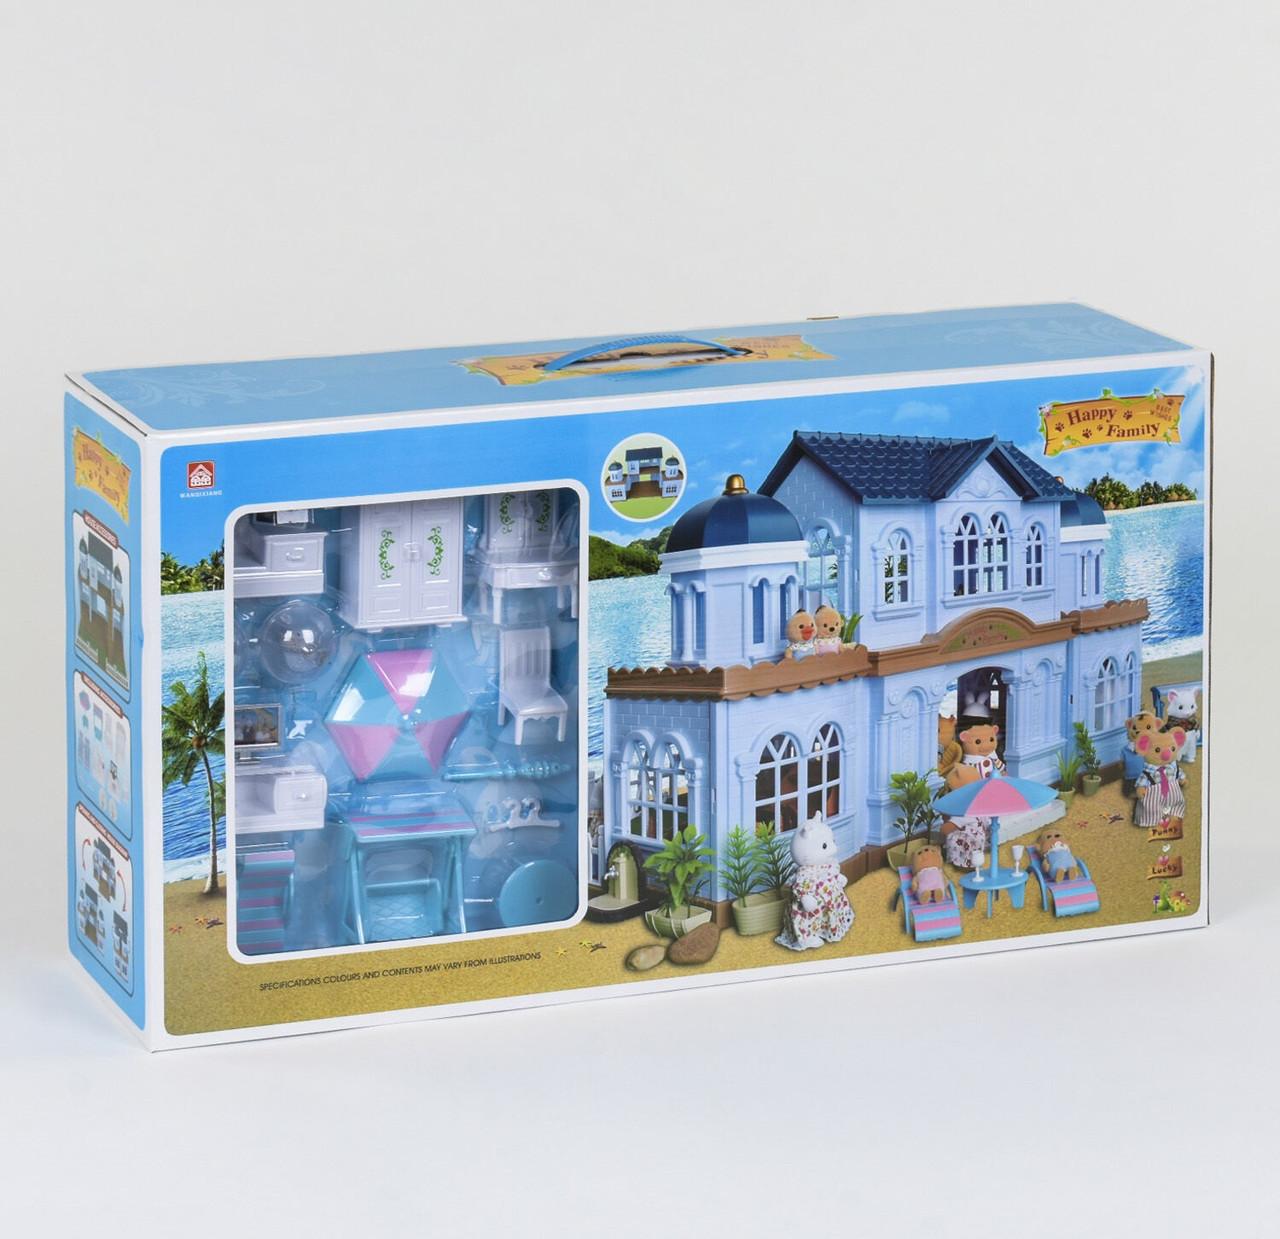 Будиночок Happy Family на морському березі аналог Sylvanian Families з меблями і світлом,2 фігурки